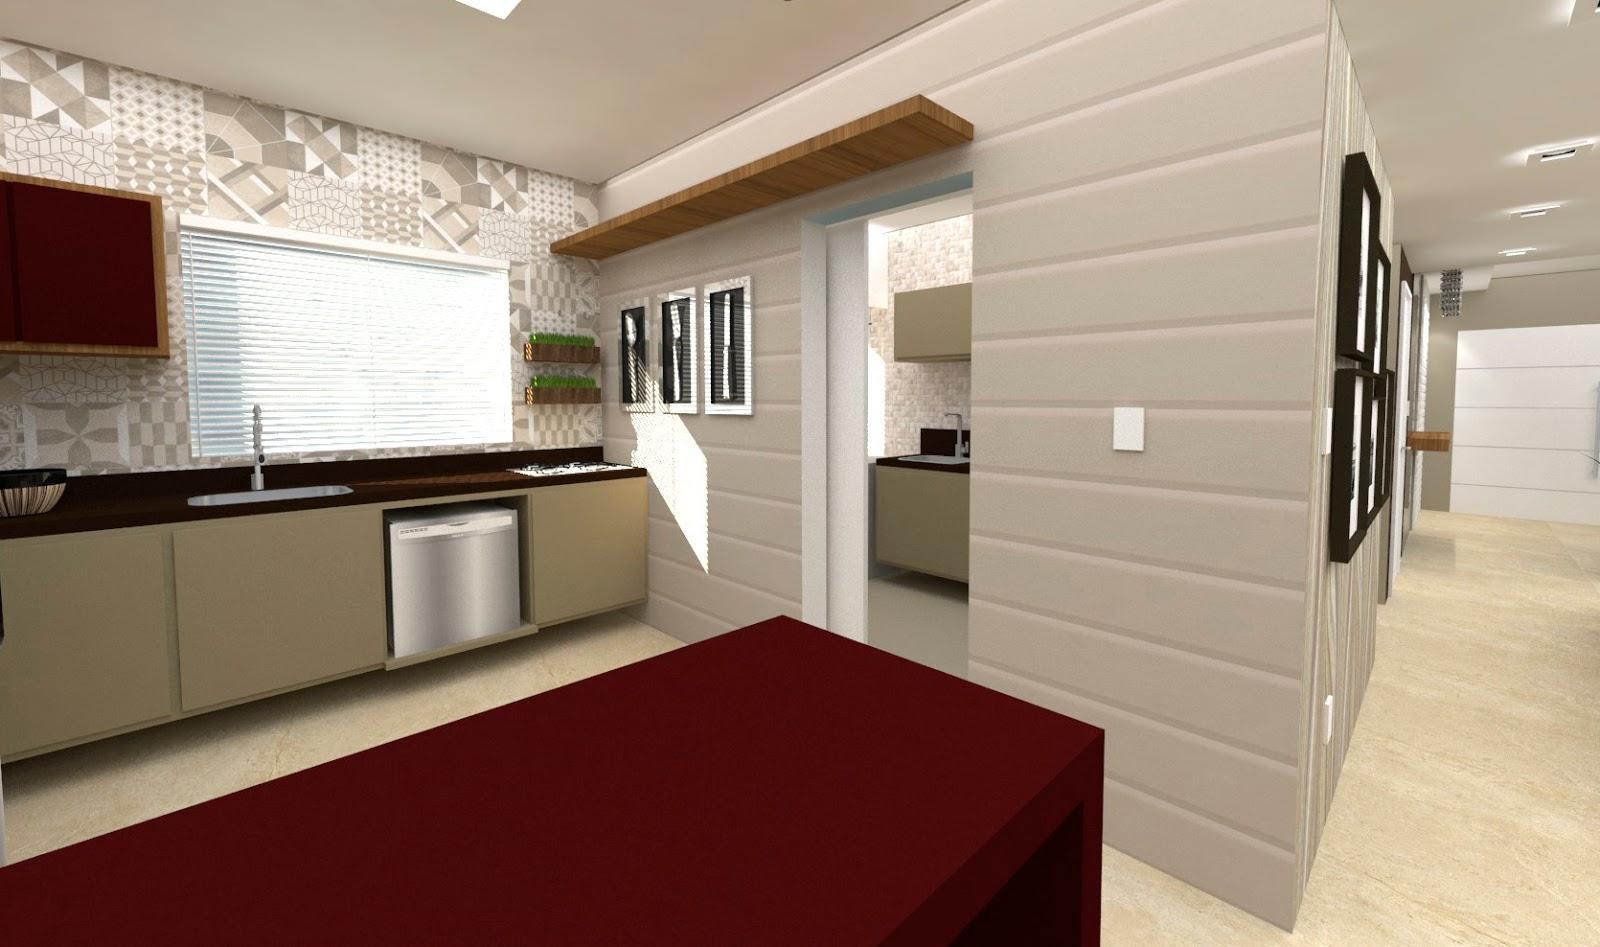 Luminarias Para Cozinha Americana Cool Balco Preto Central With